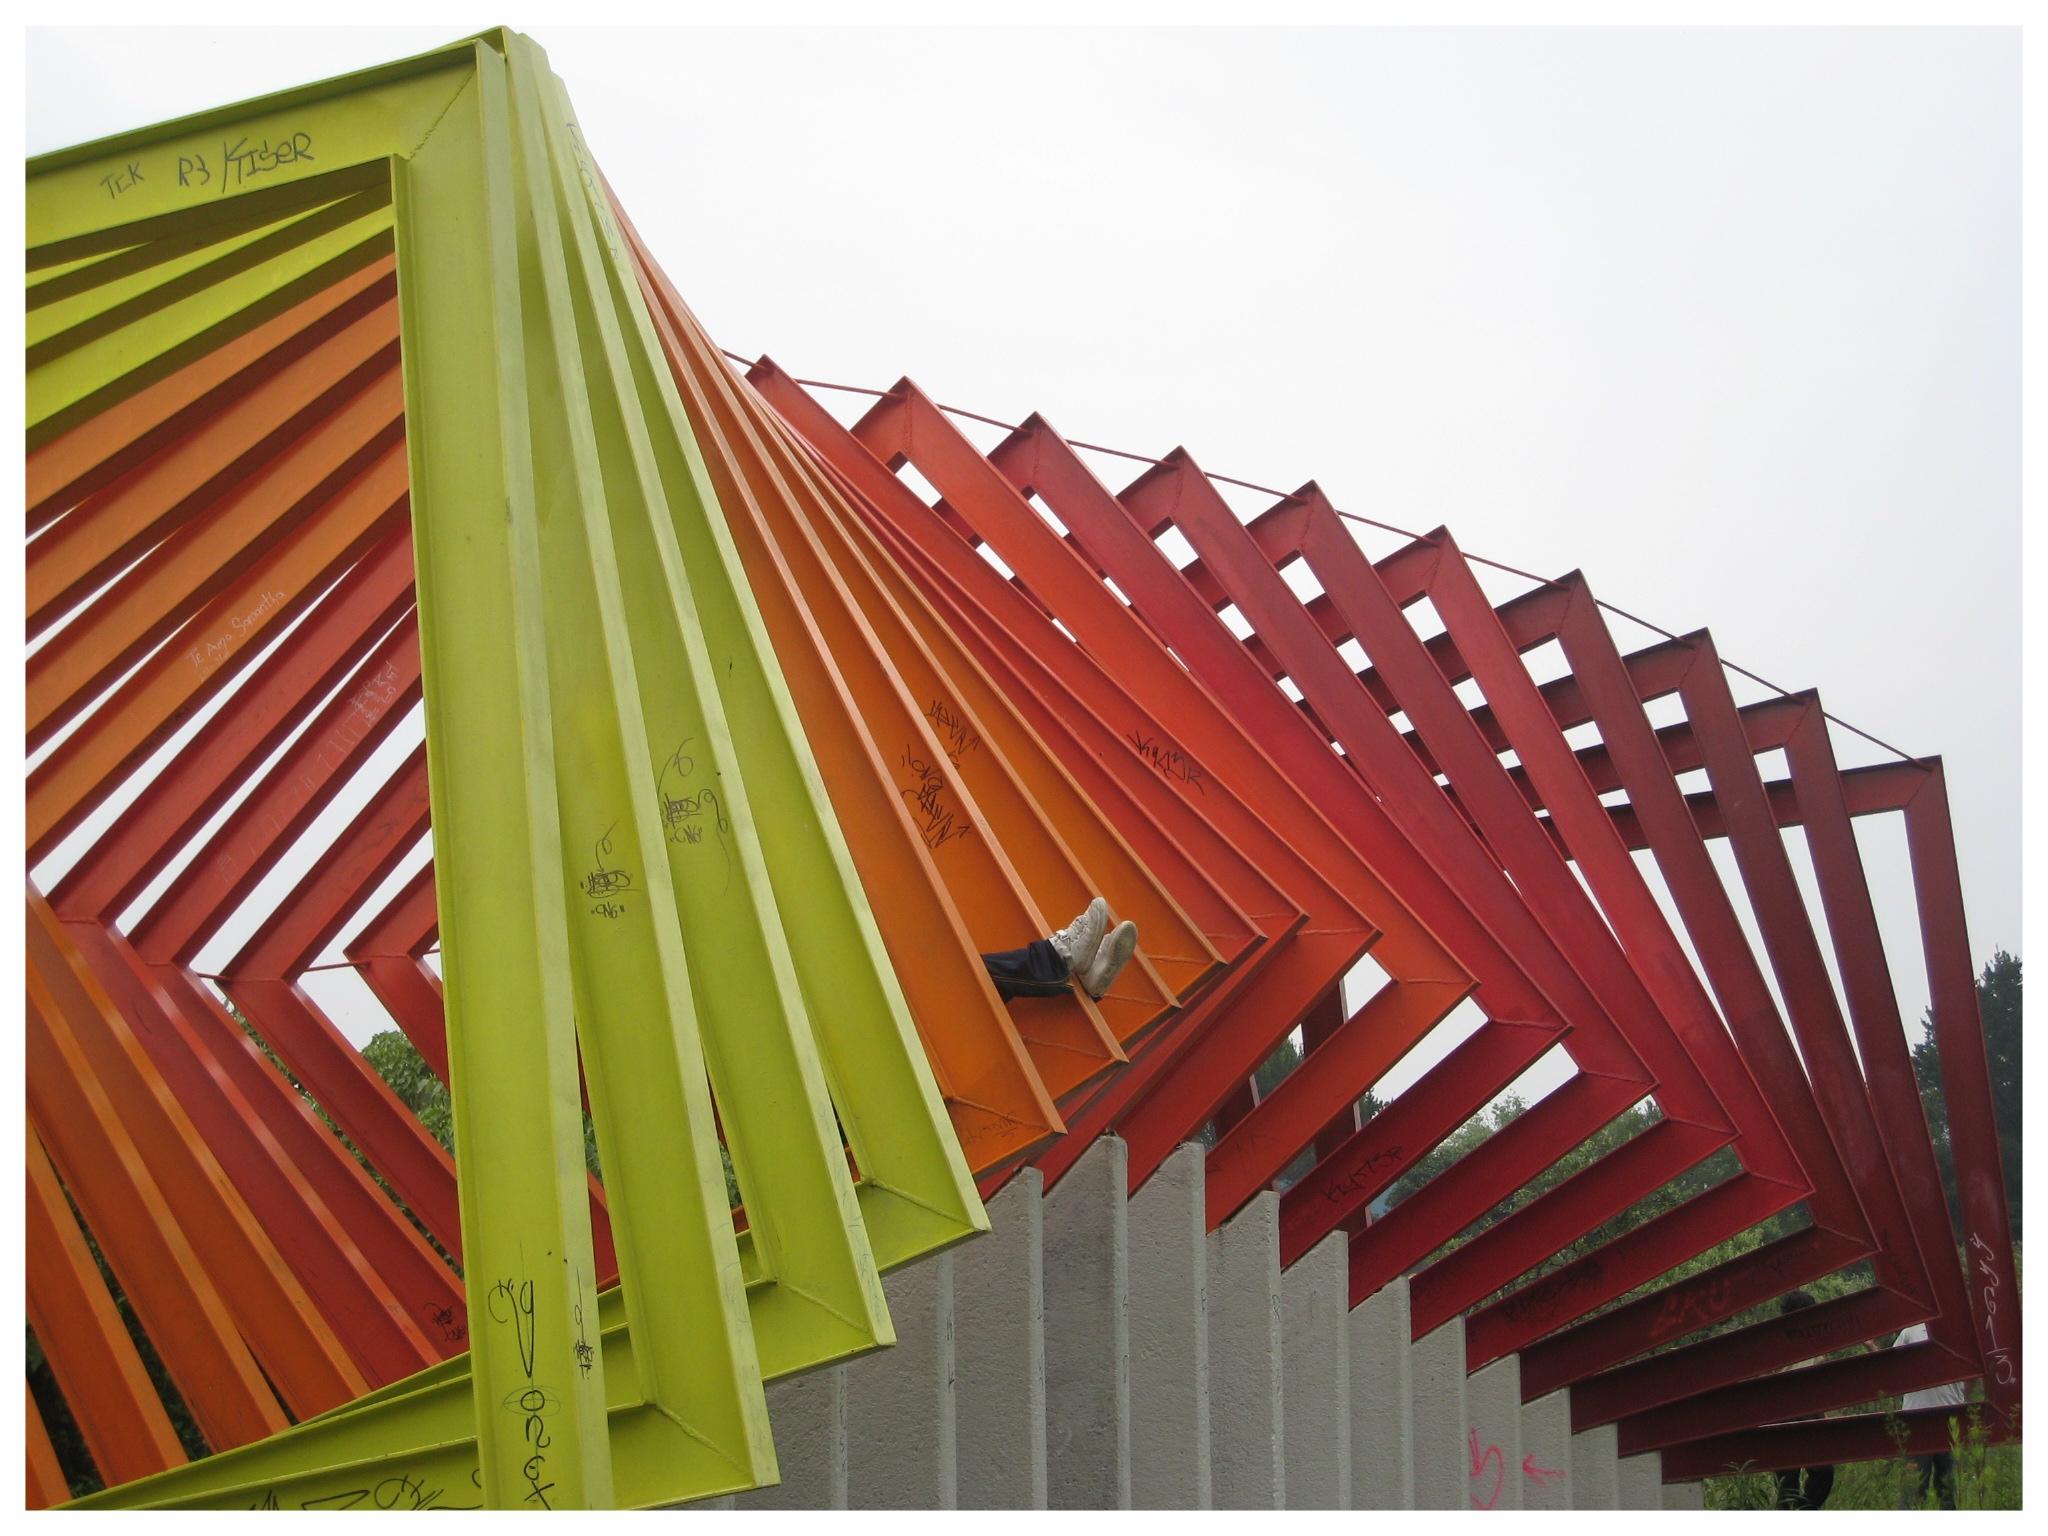 Mexico City/UNAM, 2008 (Photo: S. Osten)